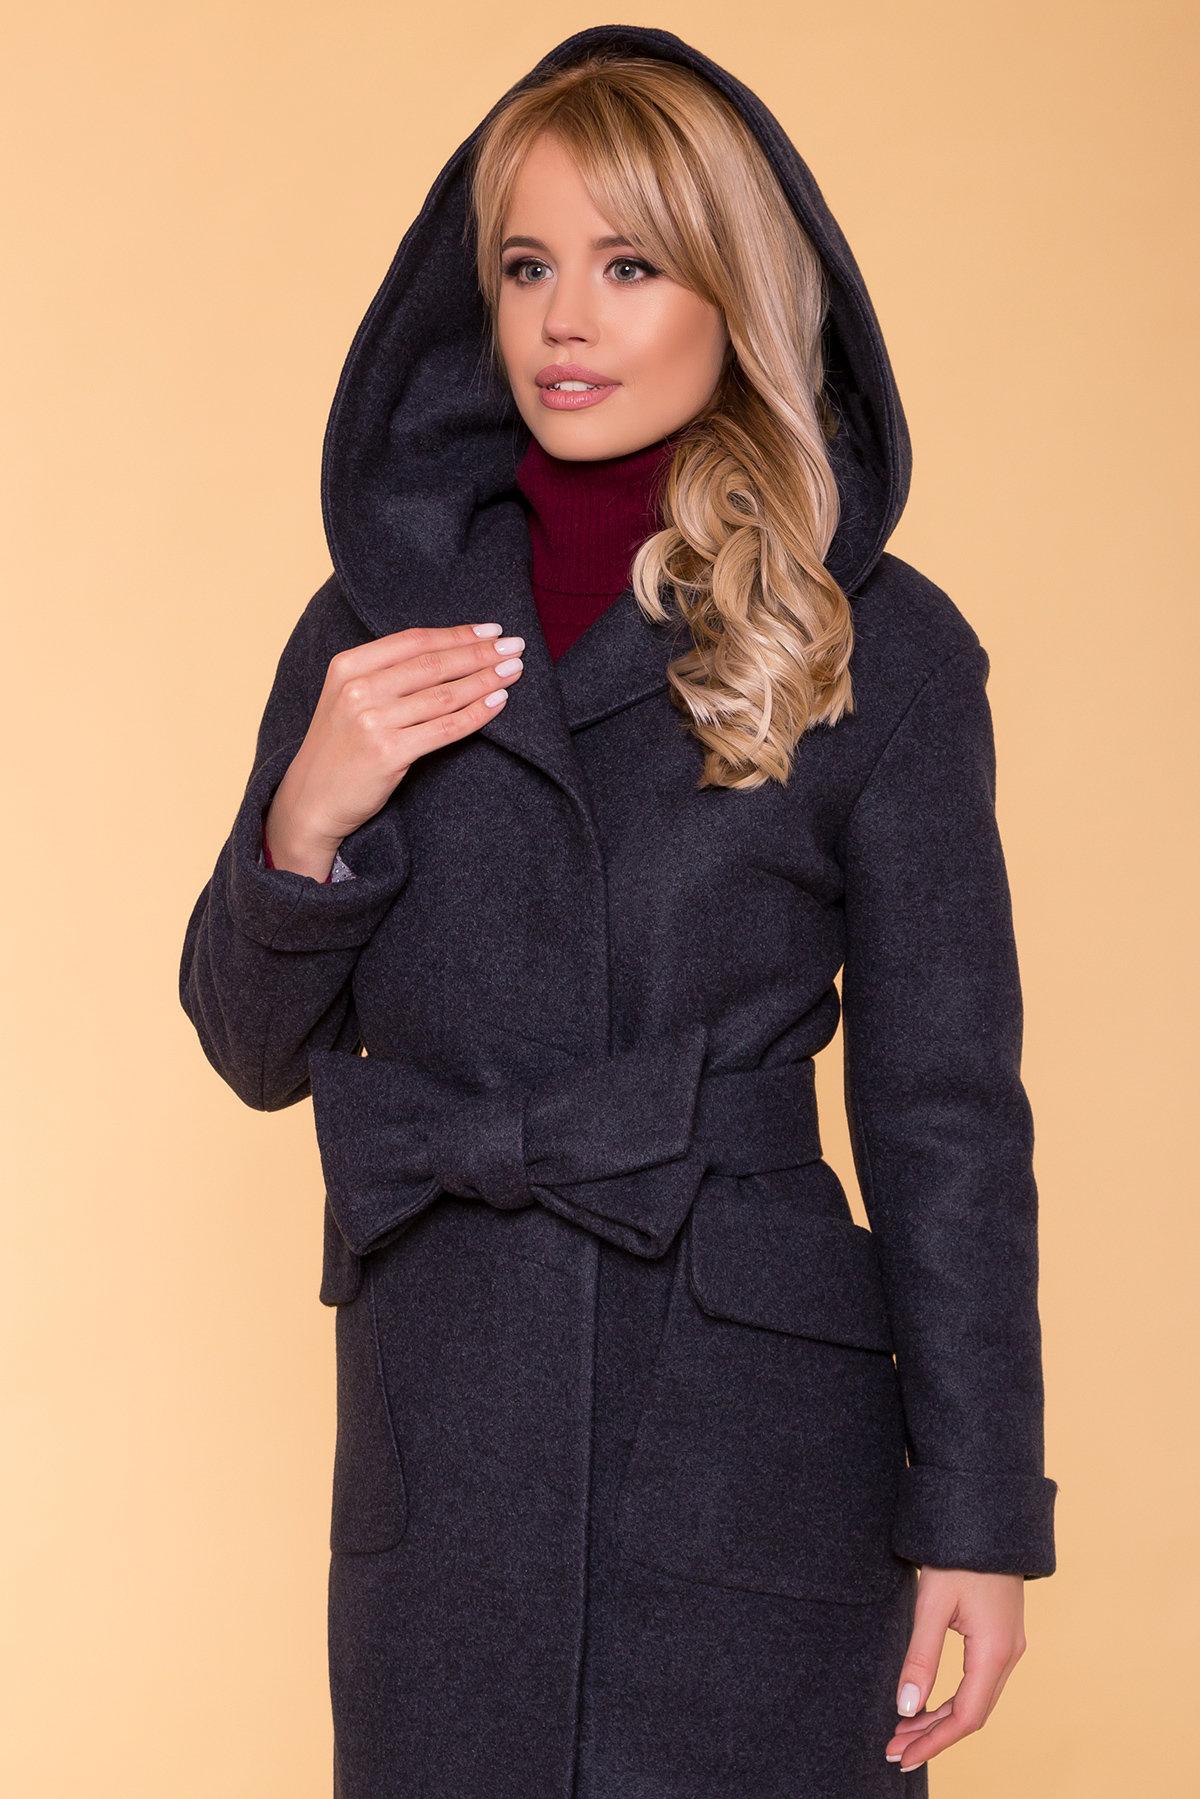 Пальто зима Анджи 5501 АРТ. 37018 Цвет: Синий/Зеленый 72 - фото 5, интернет магазин tm-modus.ru